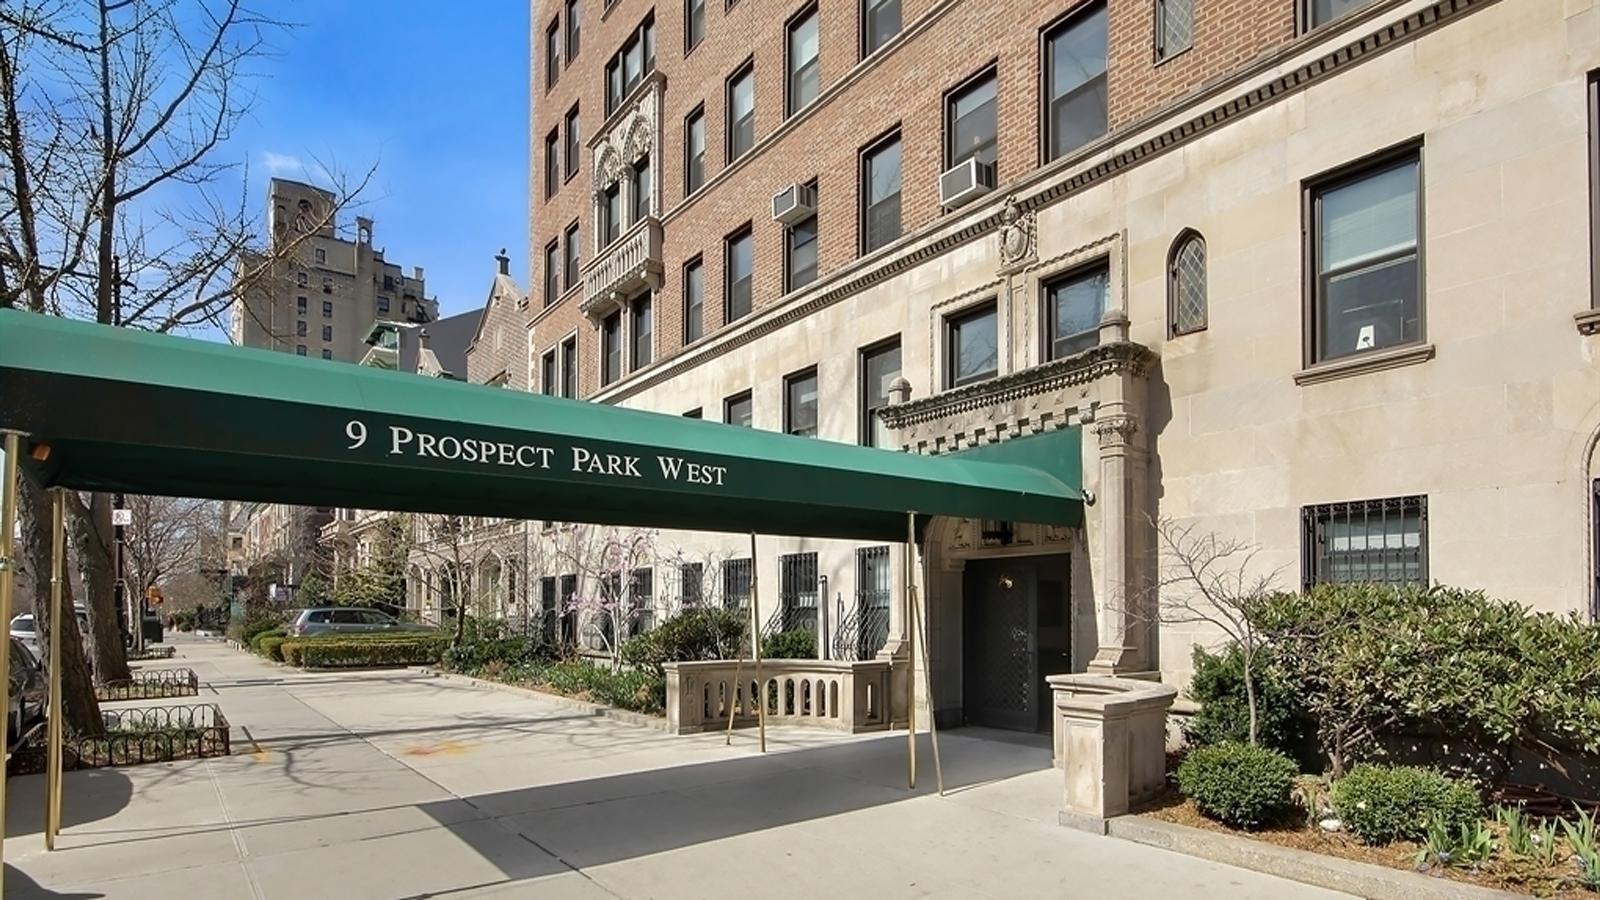 9 Prospect Park West